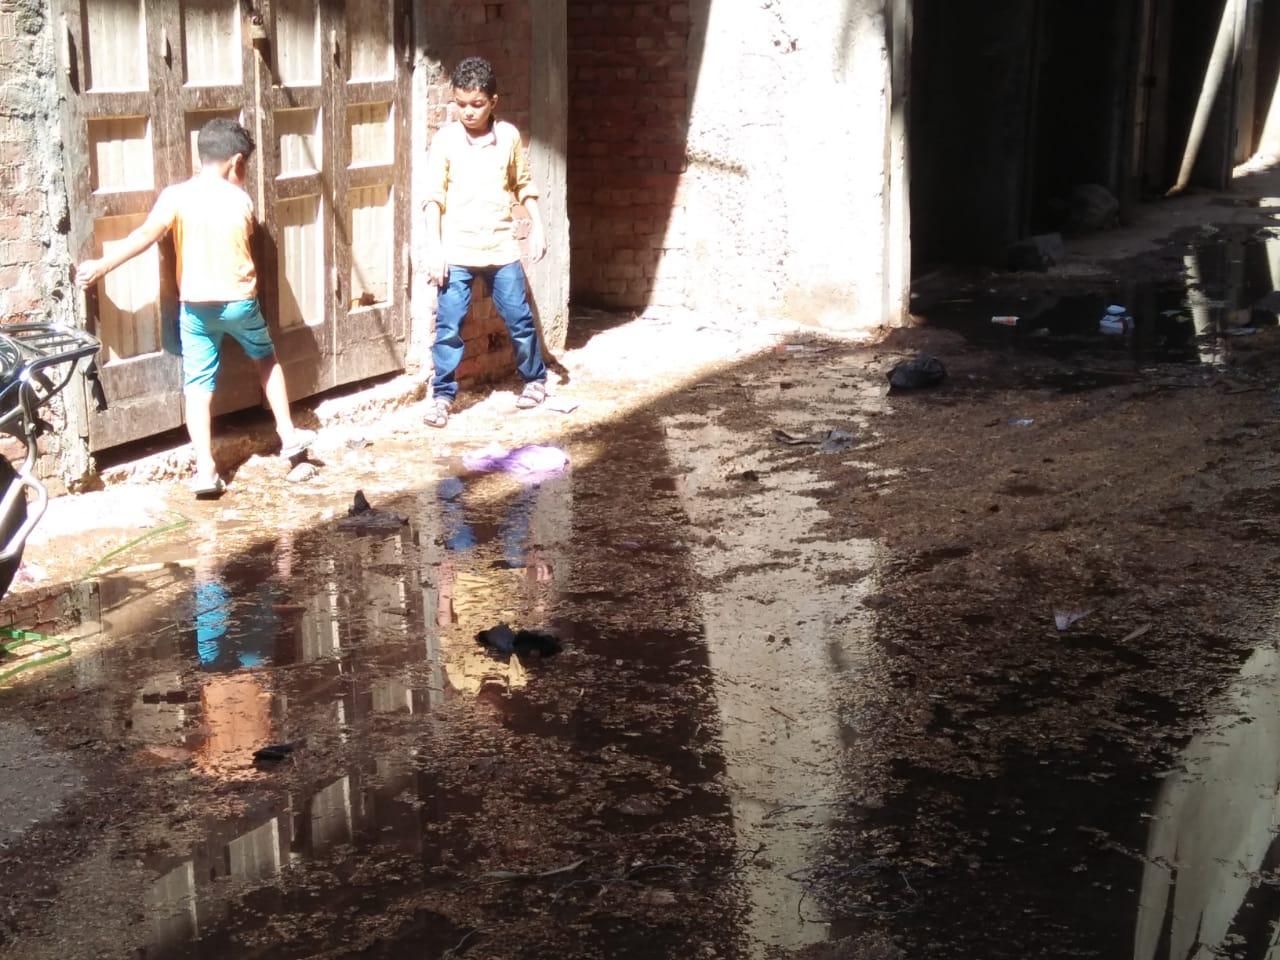 غرق شوارع قرية السيالة بالصرف الصحى